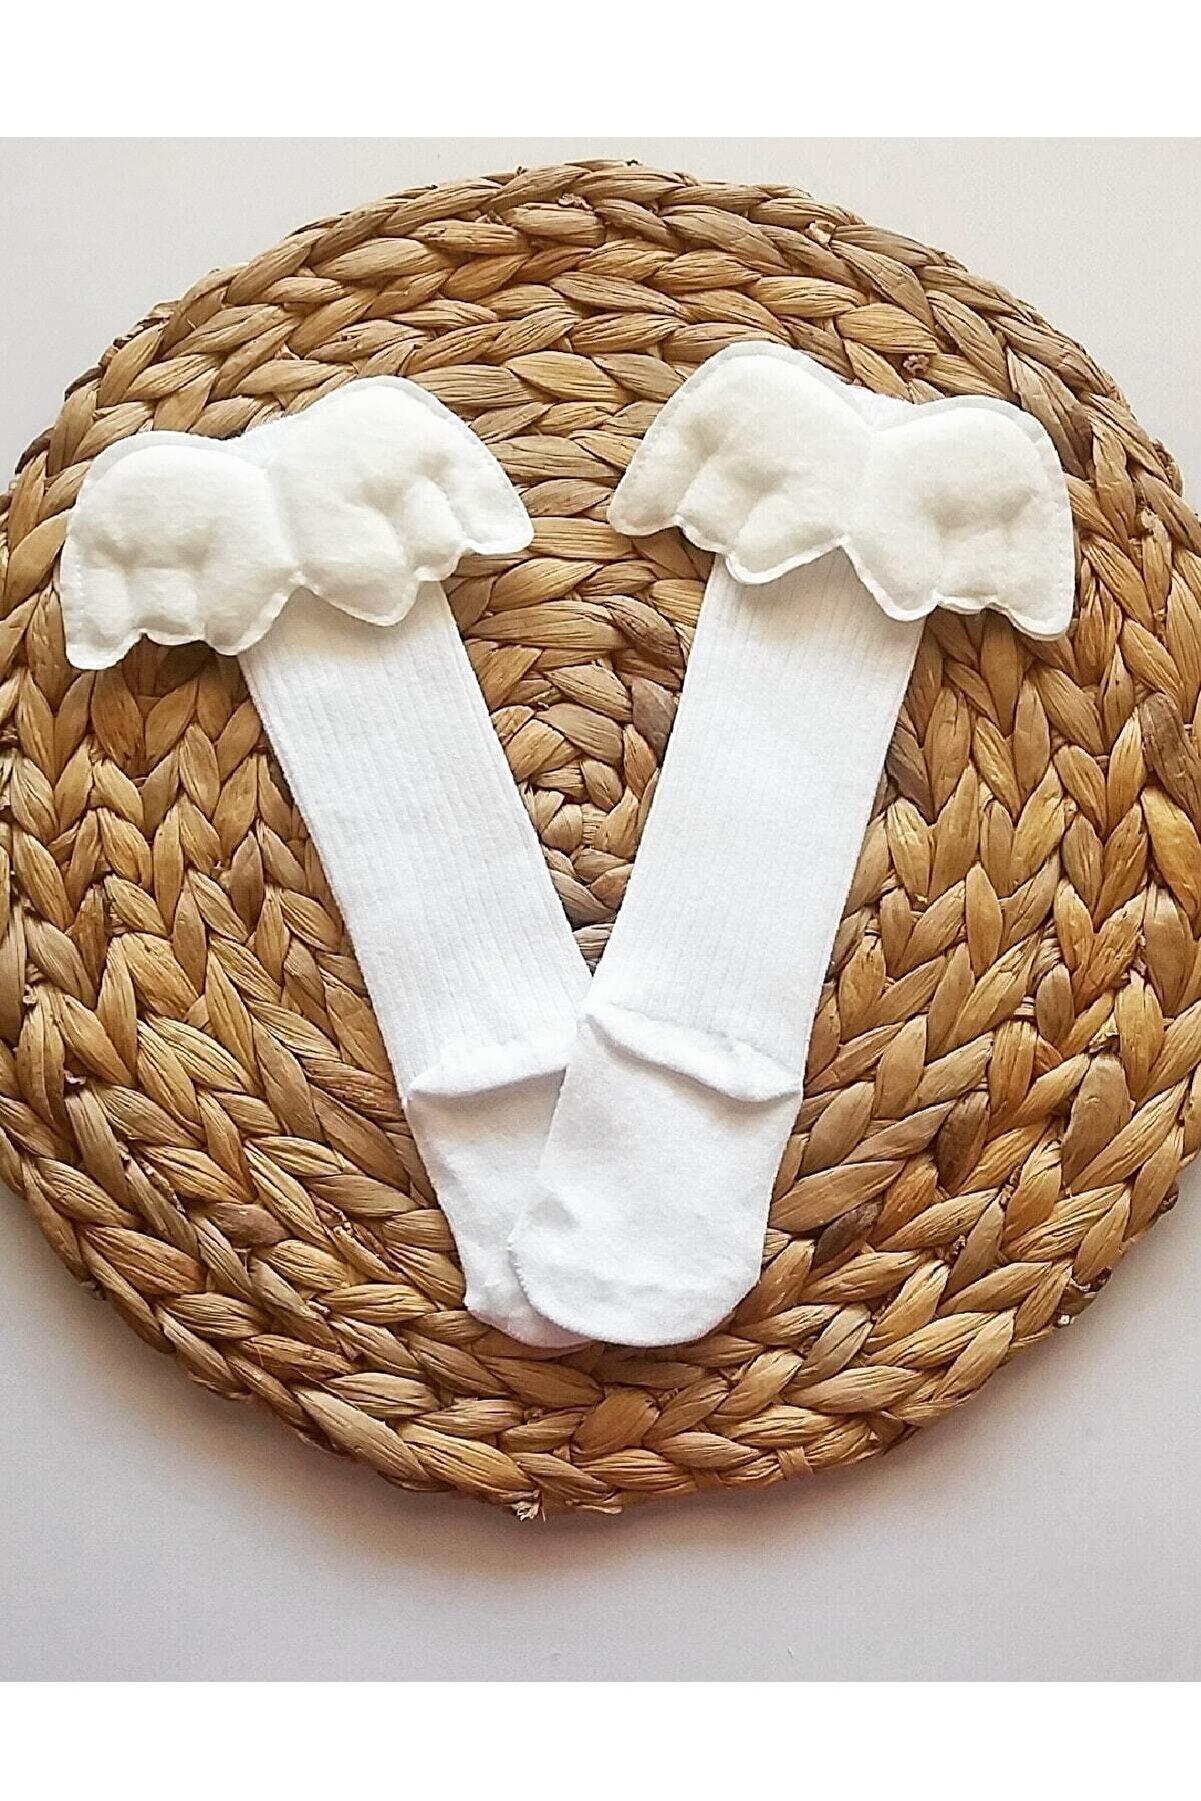 Asa Bebek Çocuk Kız Bebek Beyaz Diz Altı Çorap